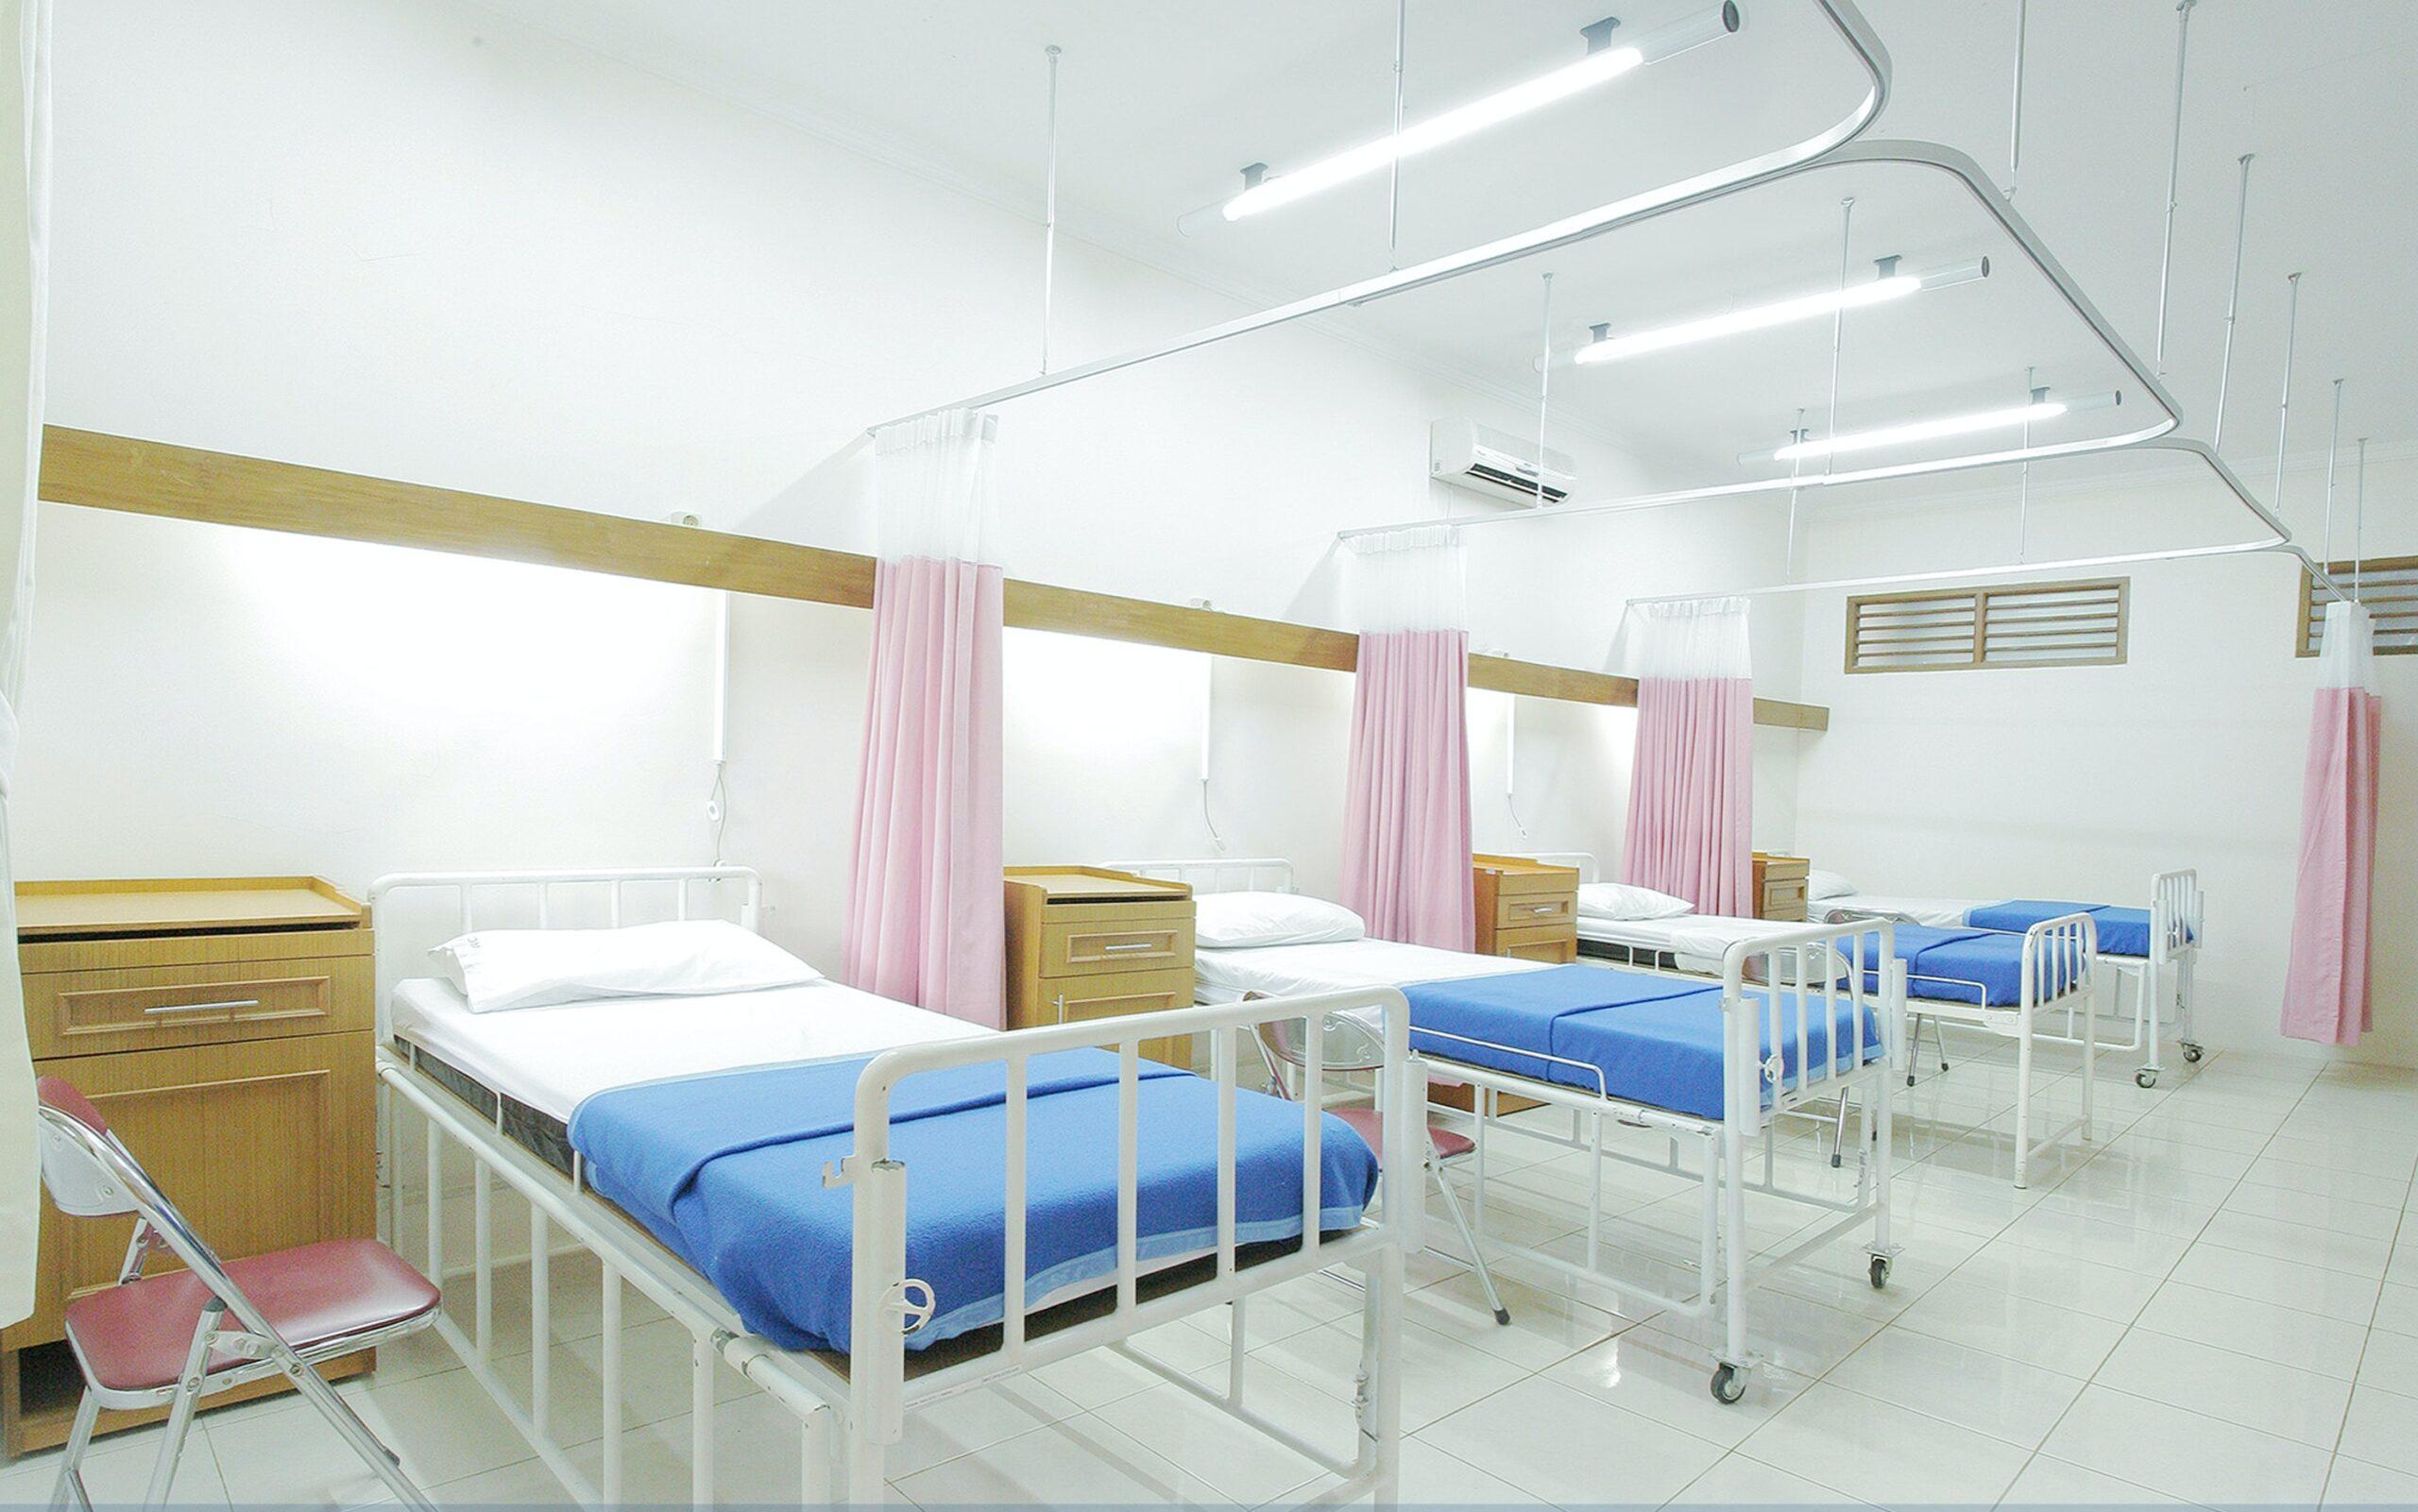 Egy újabb megszólalás, hogy a kórházban módszeresen ölik az embereket!